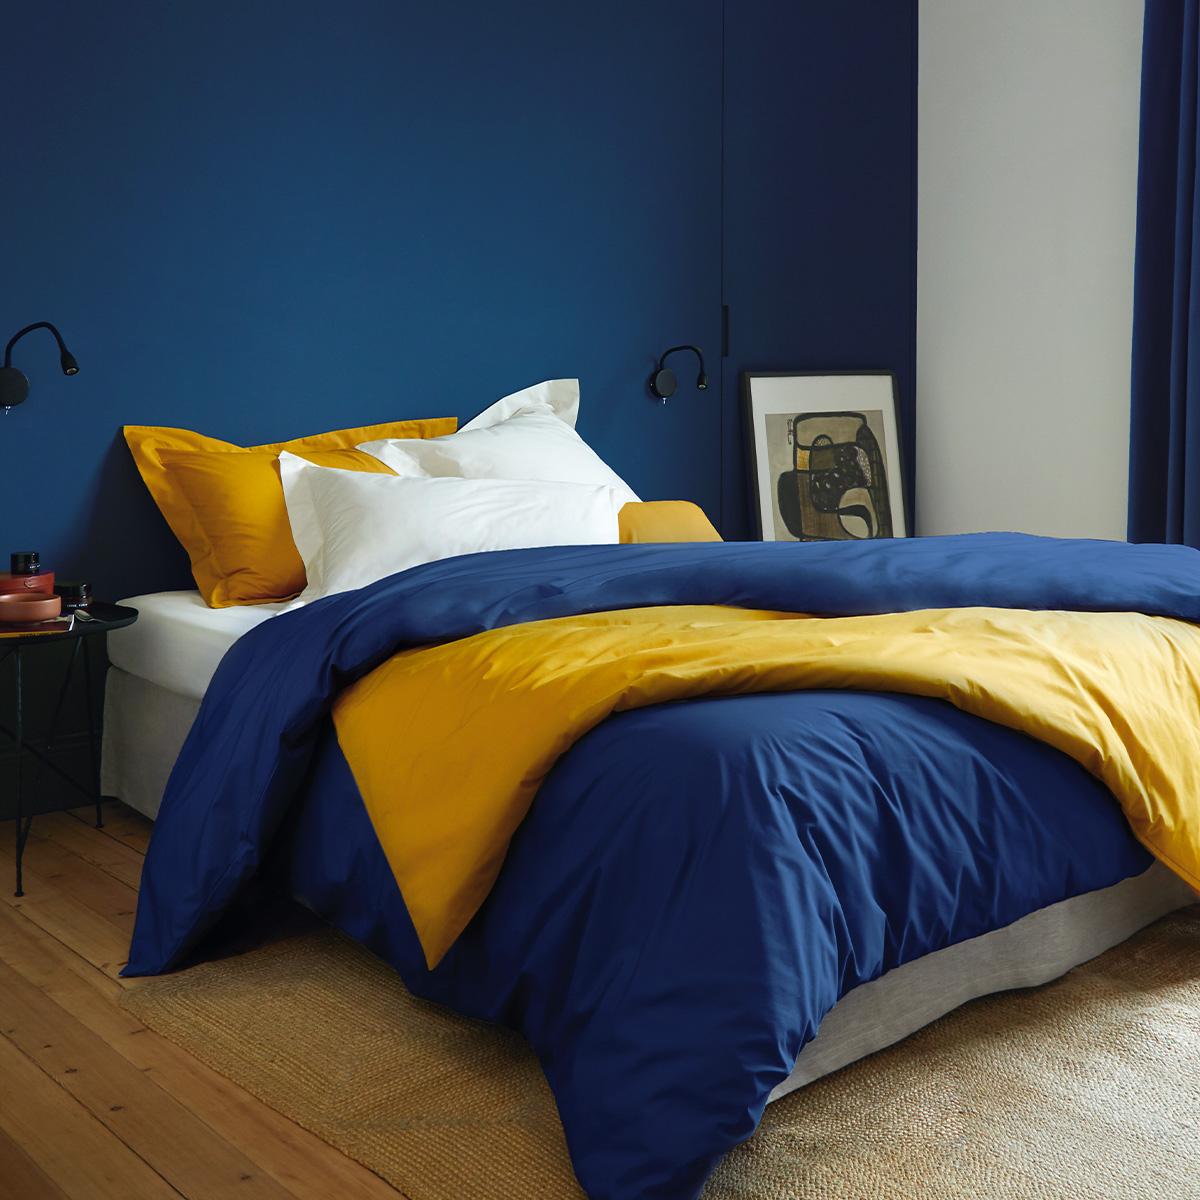 Housse de couette percale Bleu 200 x 200 cm